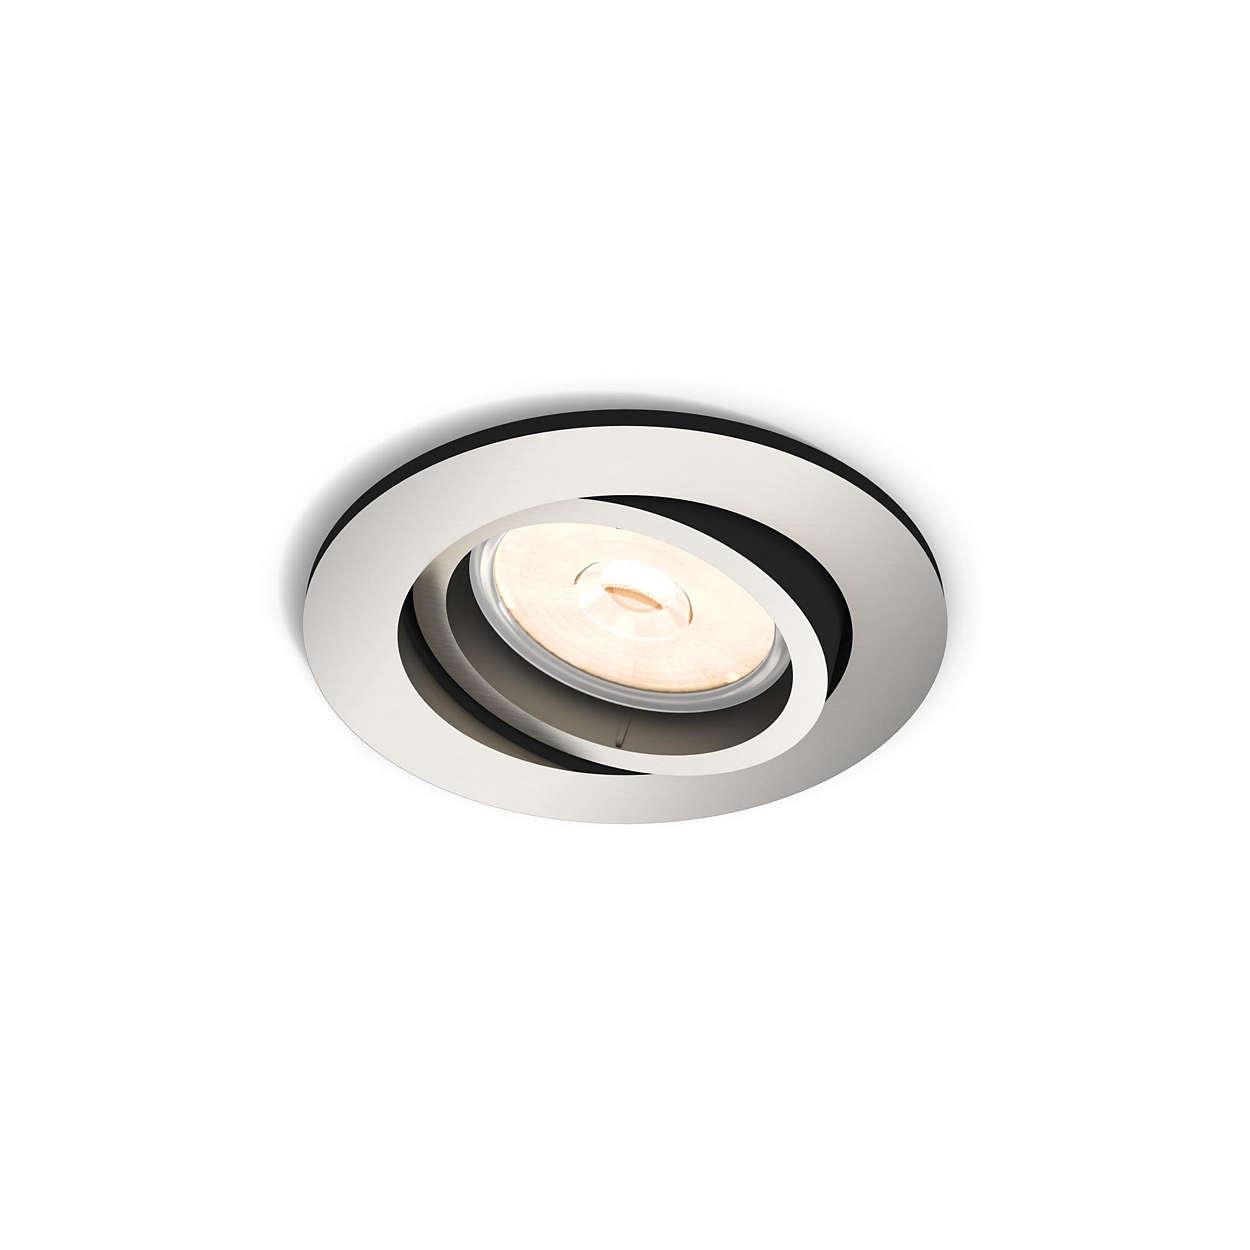 Stwórz odpowiedni styl oświetlenia